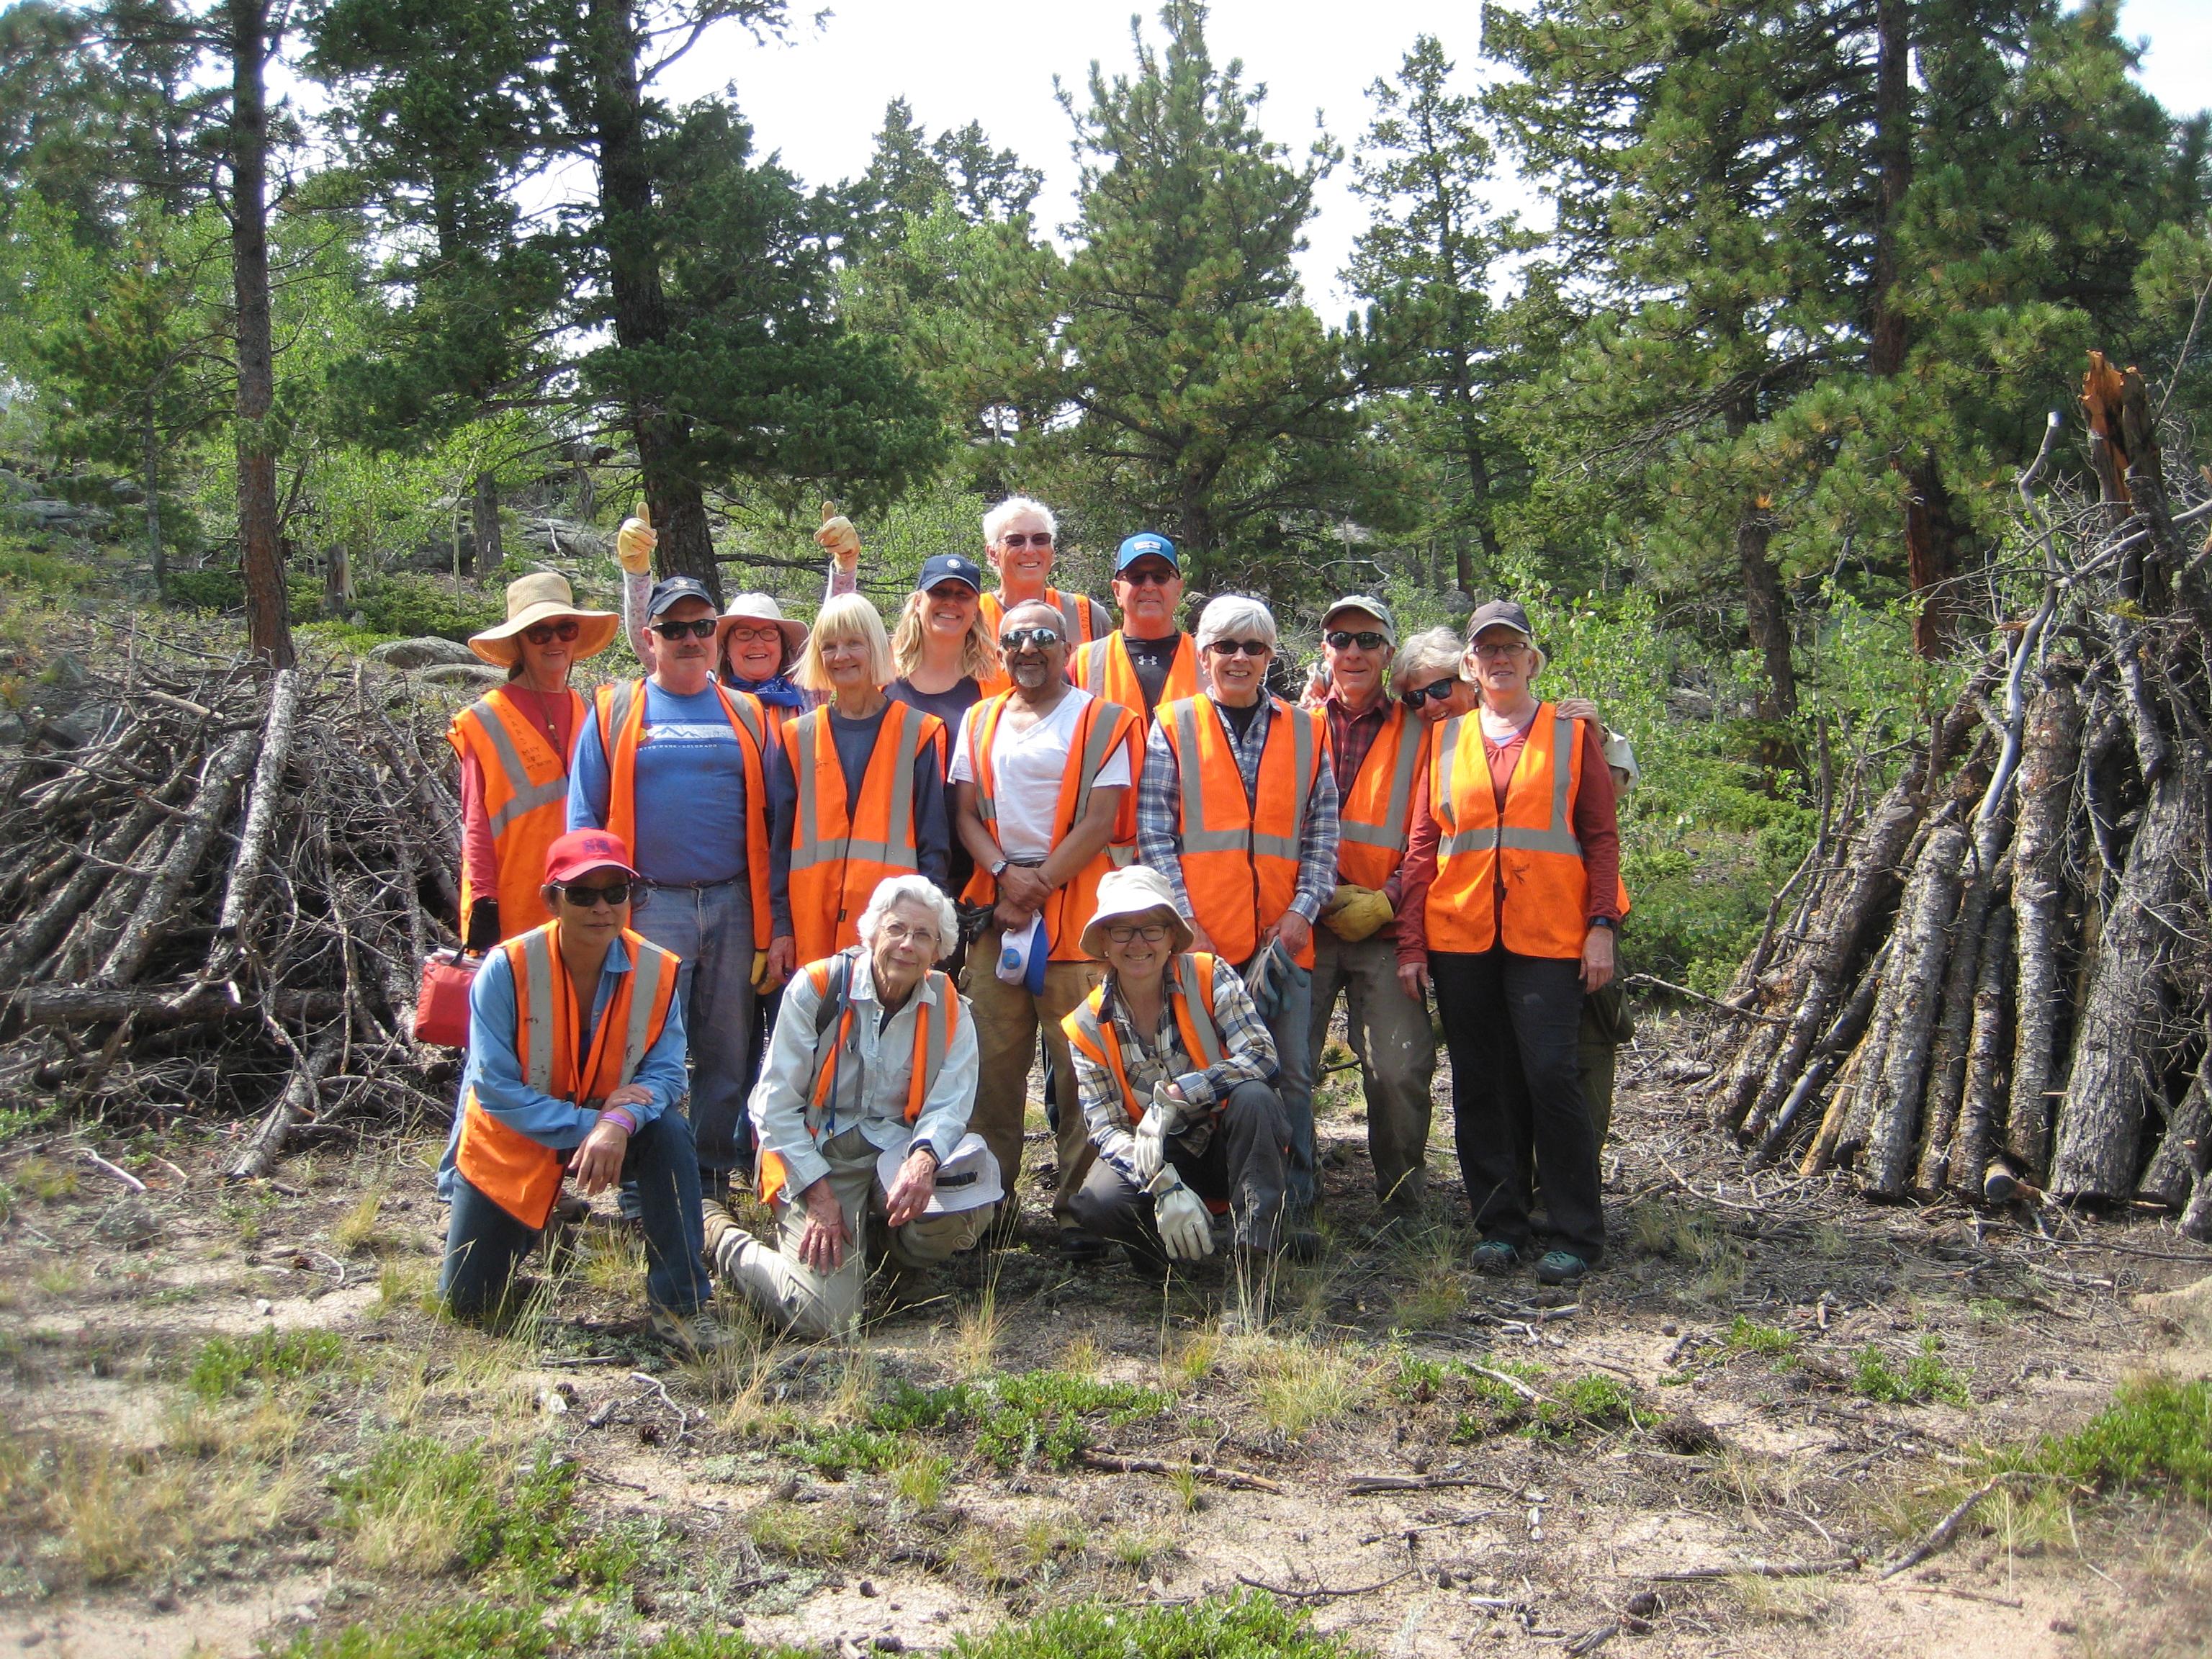 Solicitar un enlace de proyecto de voluntariado grupal